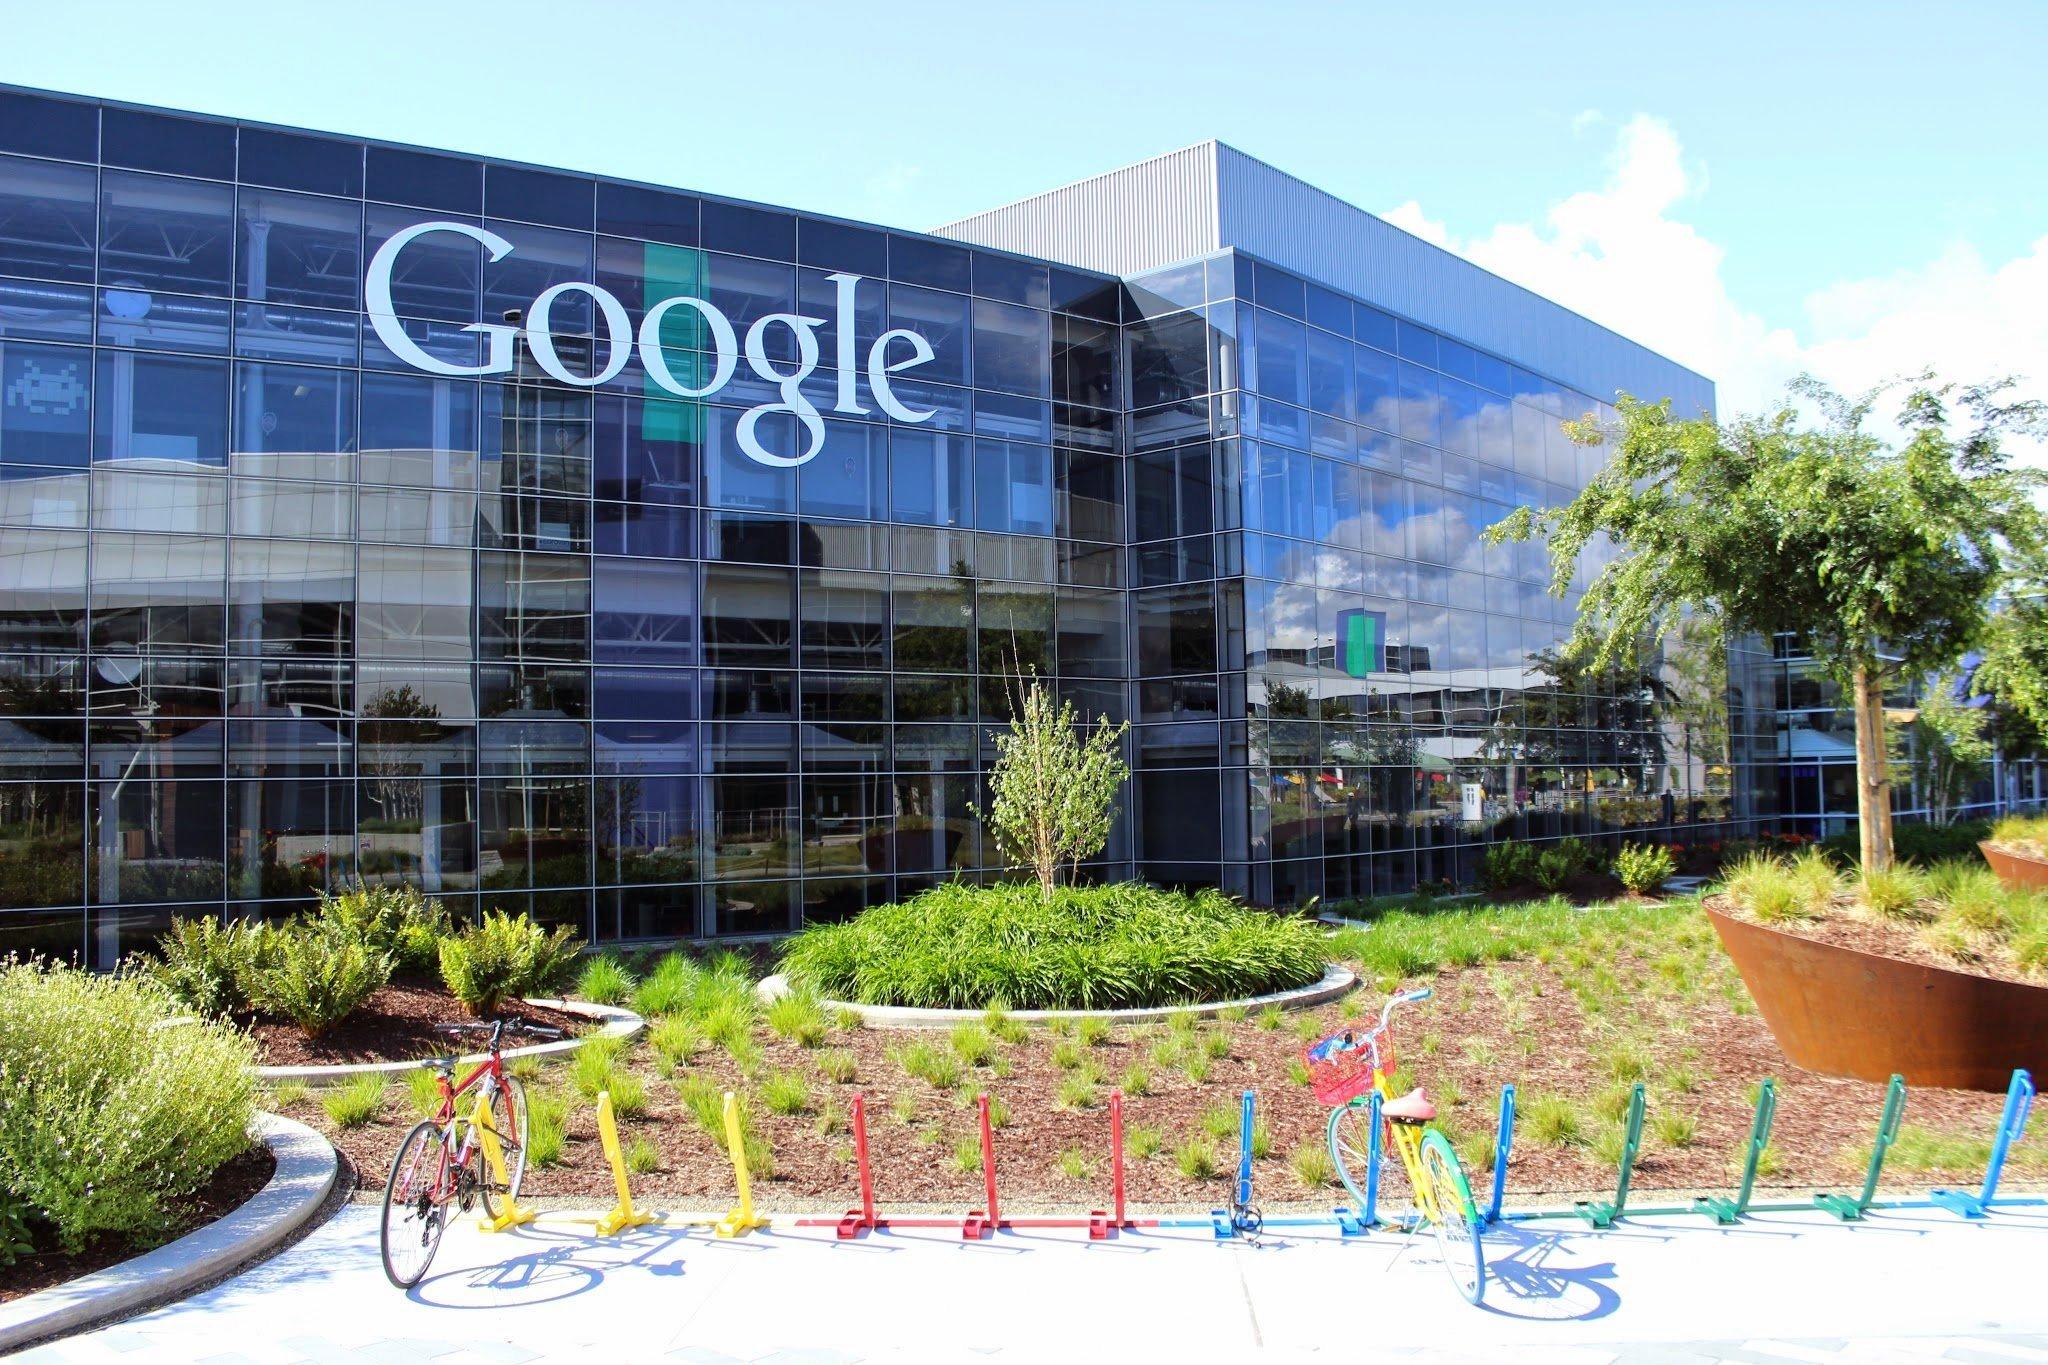 Unser Hauptsitz in Mountain View, Kalifornien - Google Presse (Unternehmensalltag)